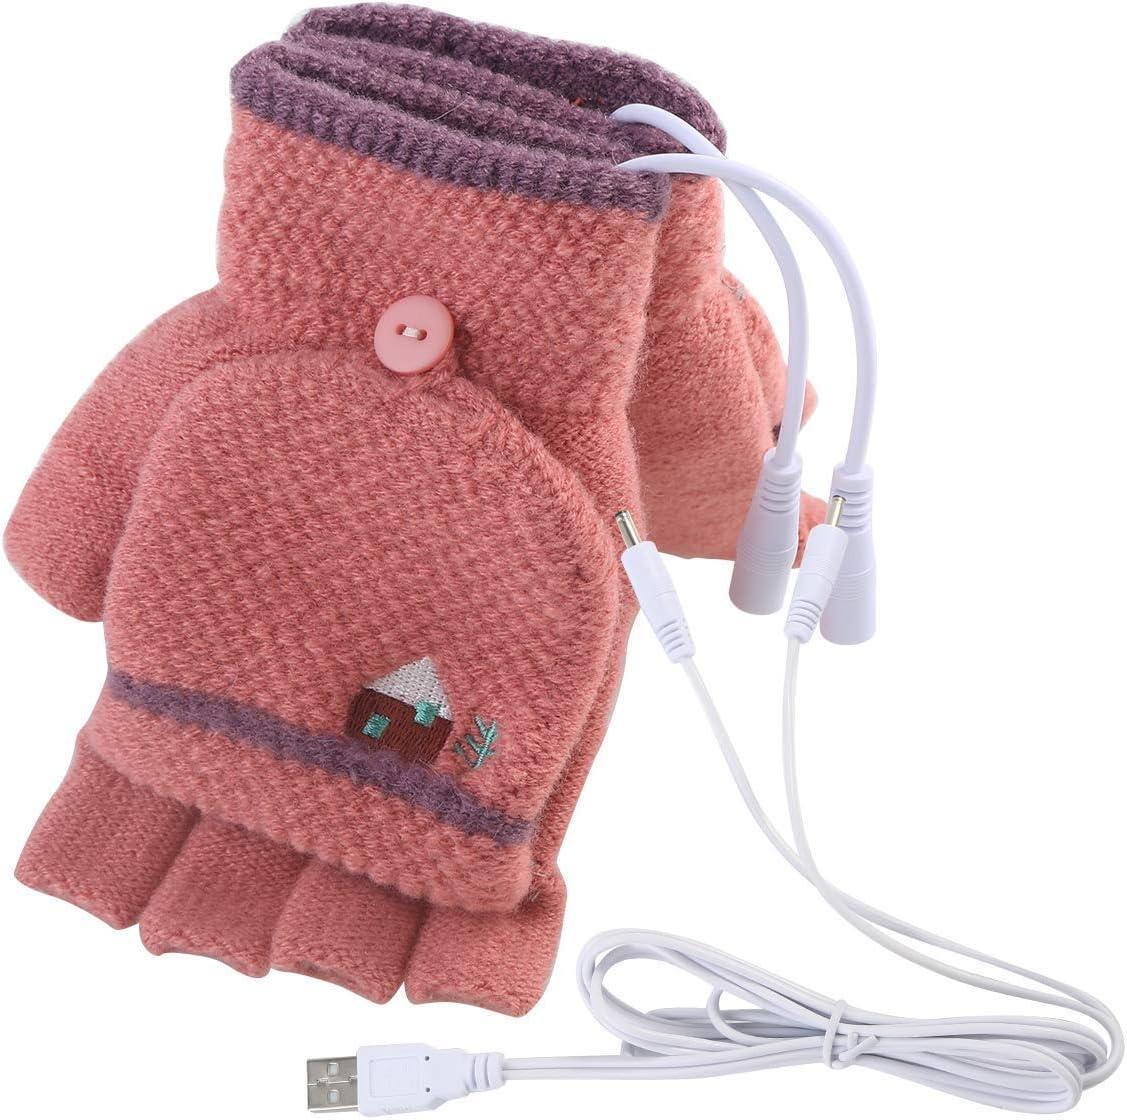 Mengqiy Herren Damen USB Beheizte Handschuhe F/äustlinge USB Handw/ärmer Winter Warm Full Finger und halbe Fingerlose Warm Hand Laptop USB Heizhandschuhe